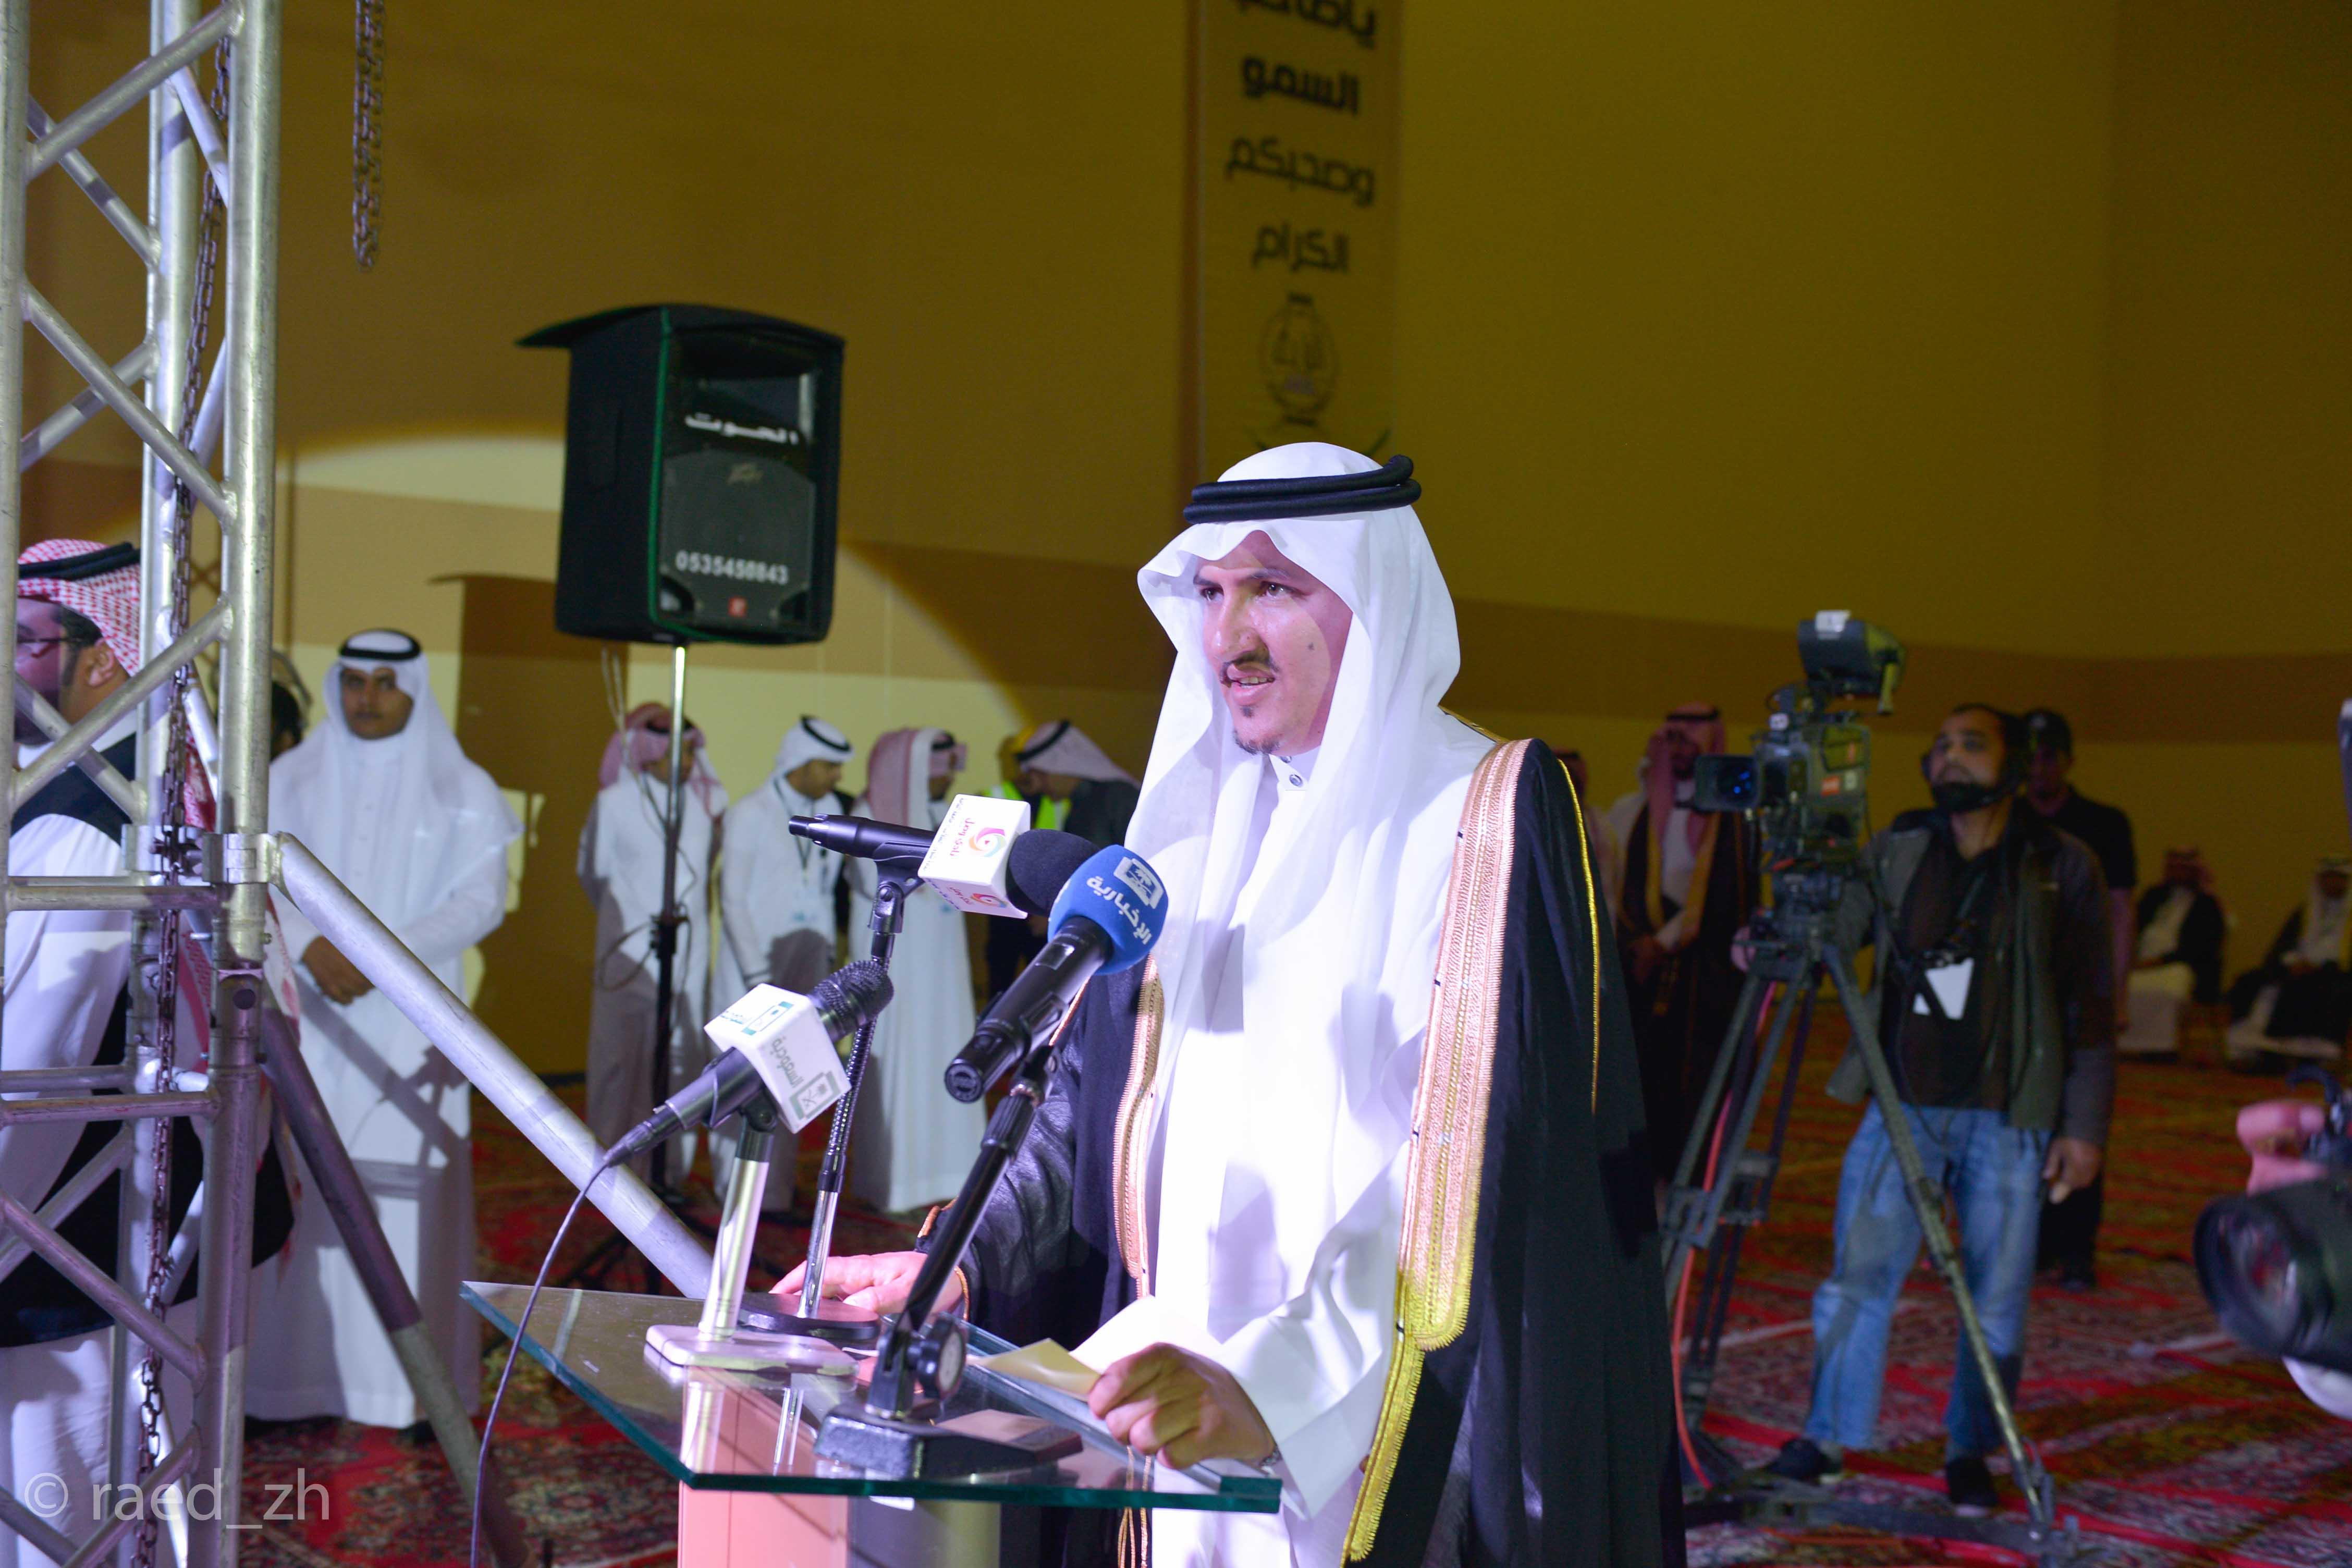 امير الباحة يرعى تخريج الدفعة العاشرة من طلاب وطالبات جامعة الباحة (20)